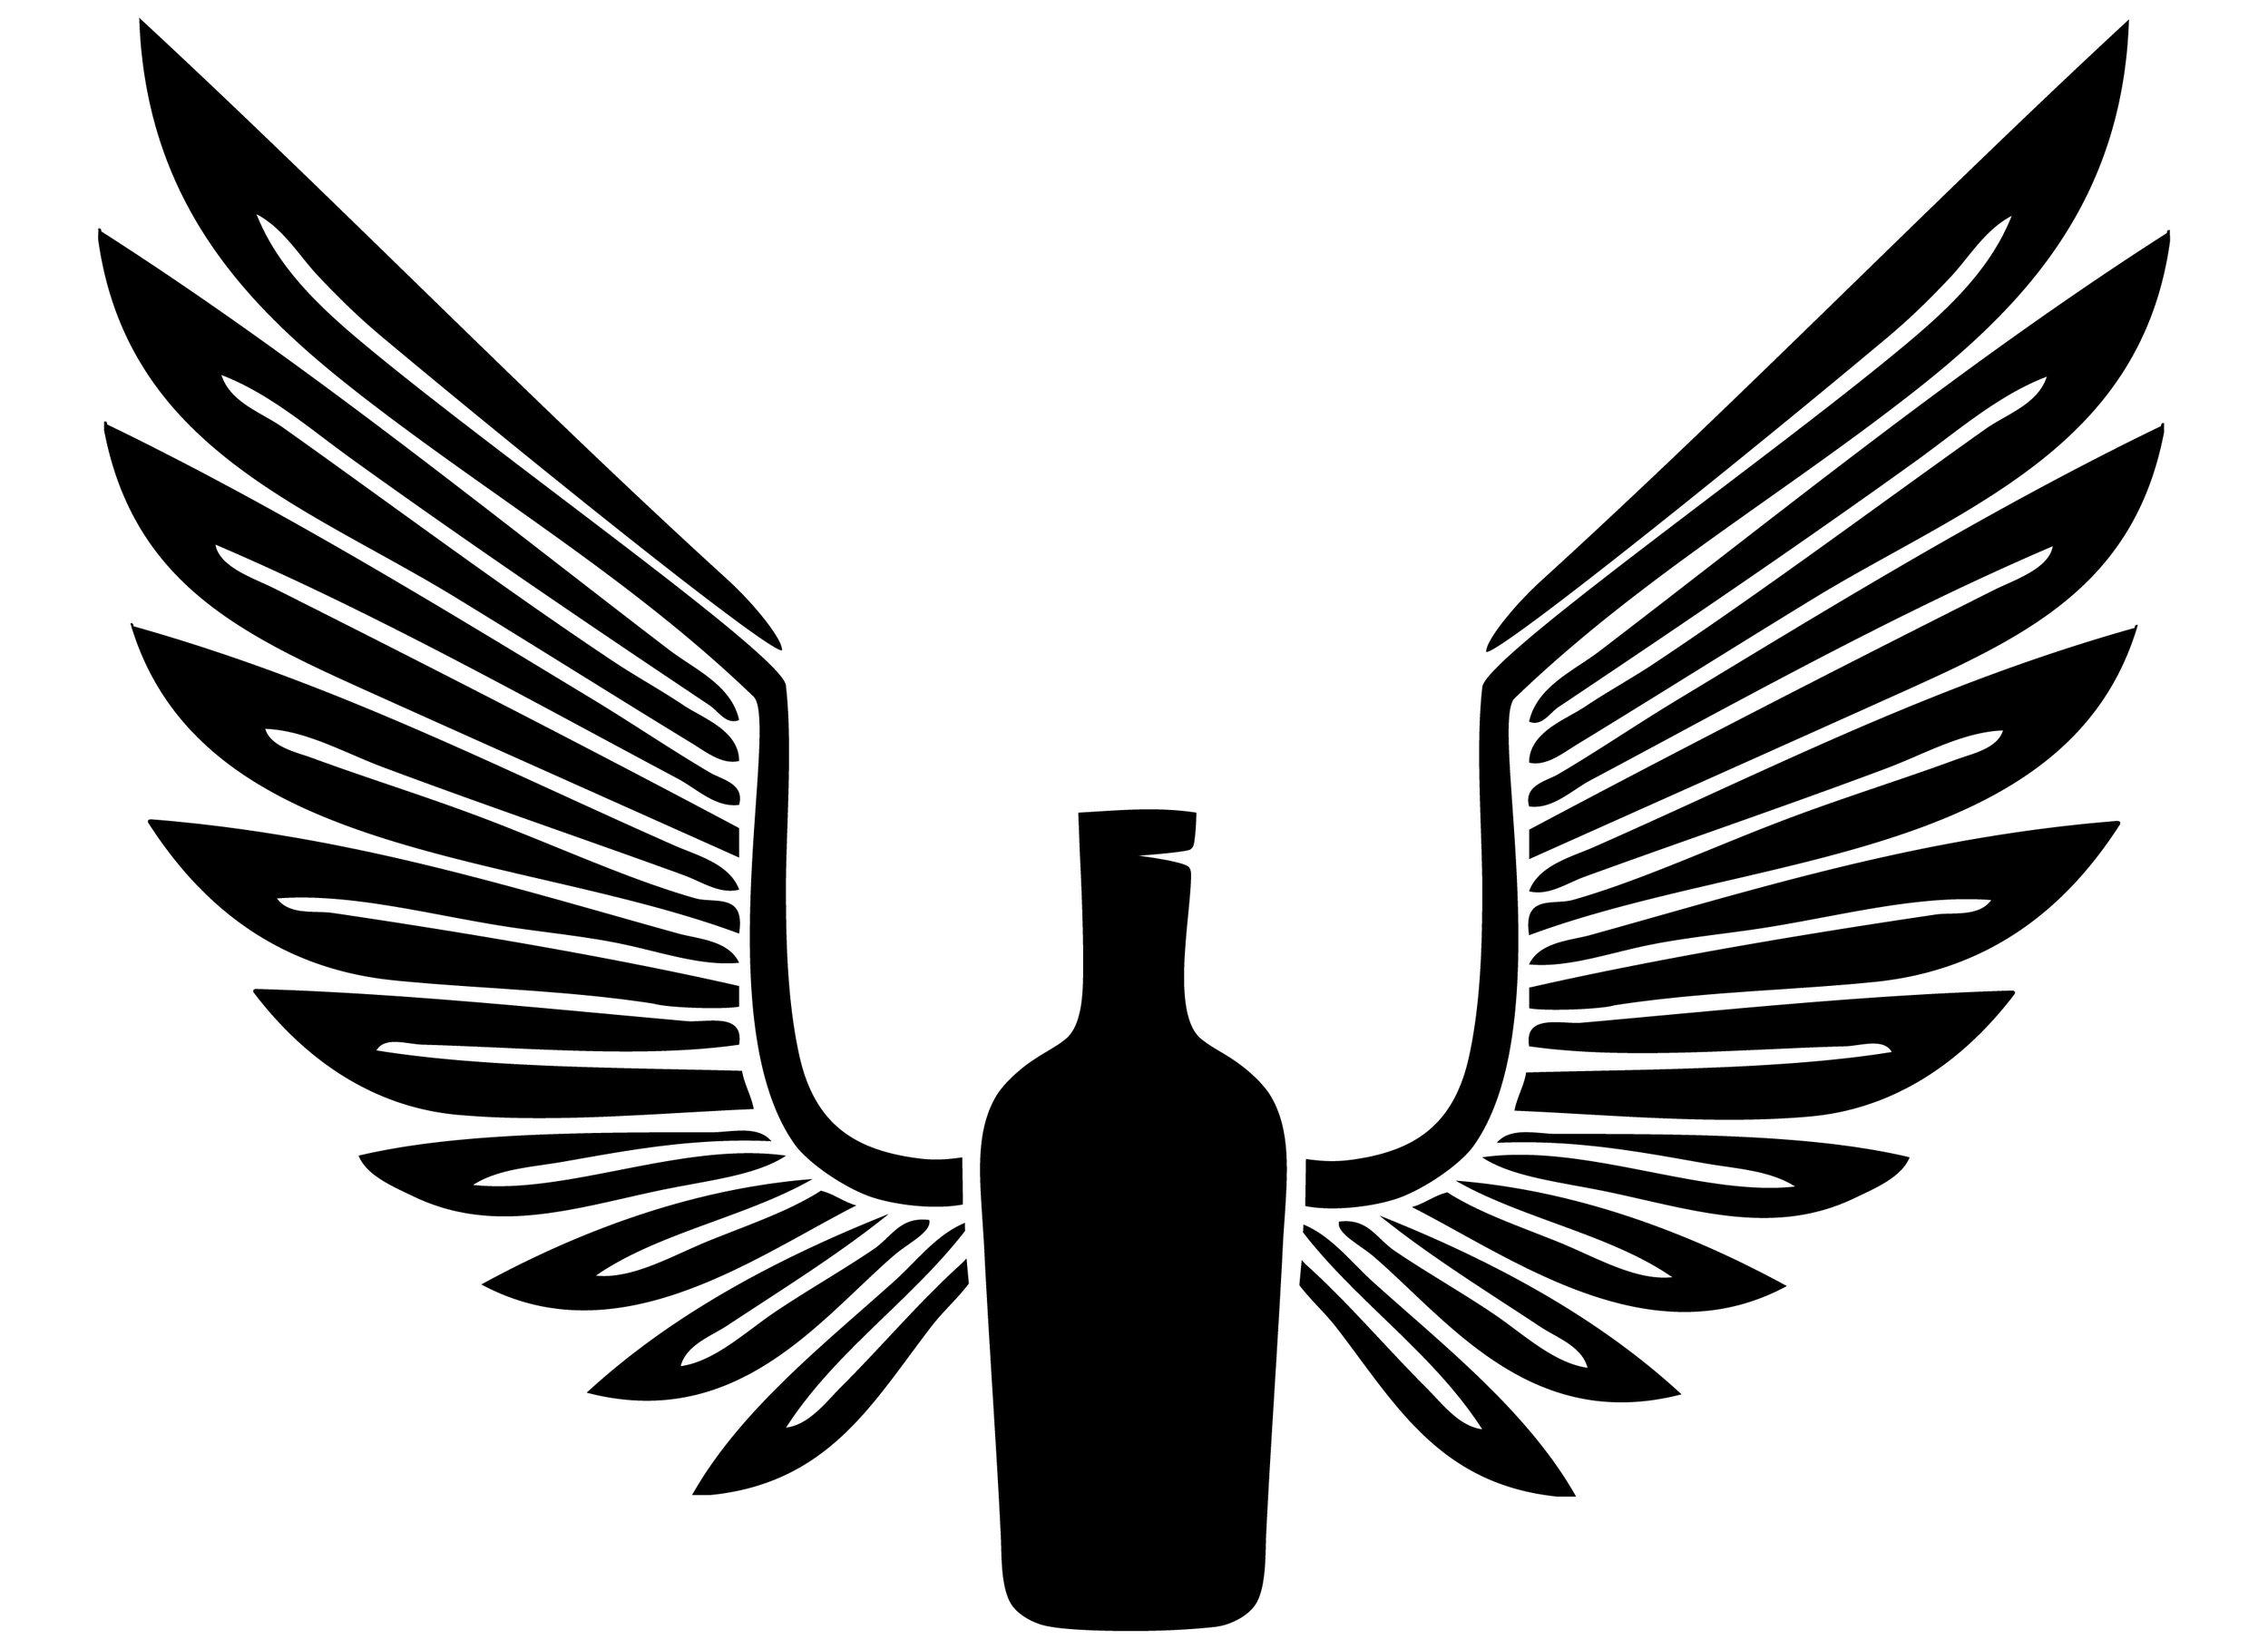 SD bottle&wings.jpg